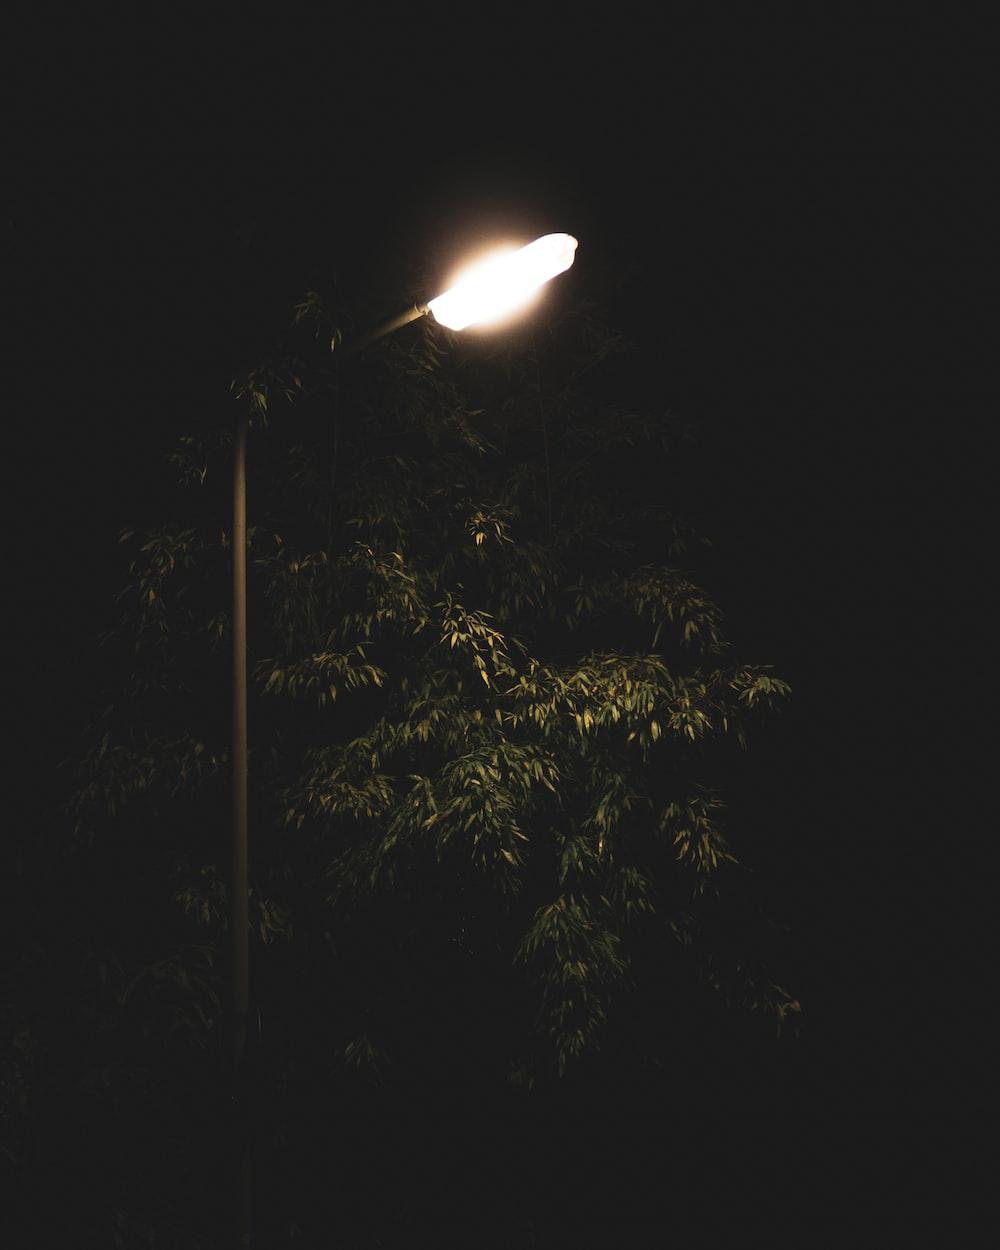 turned-on post lamp beside tree